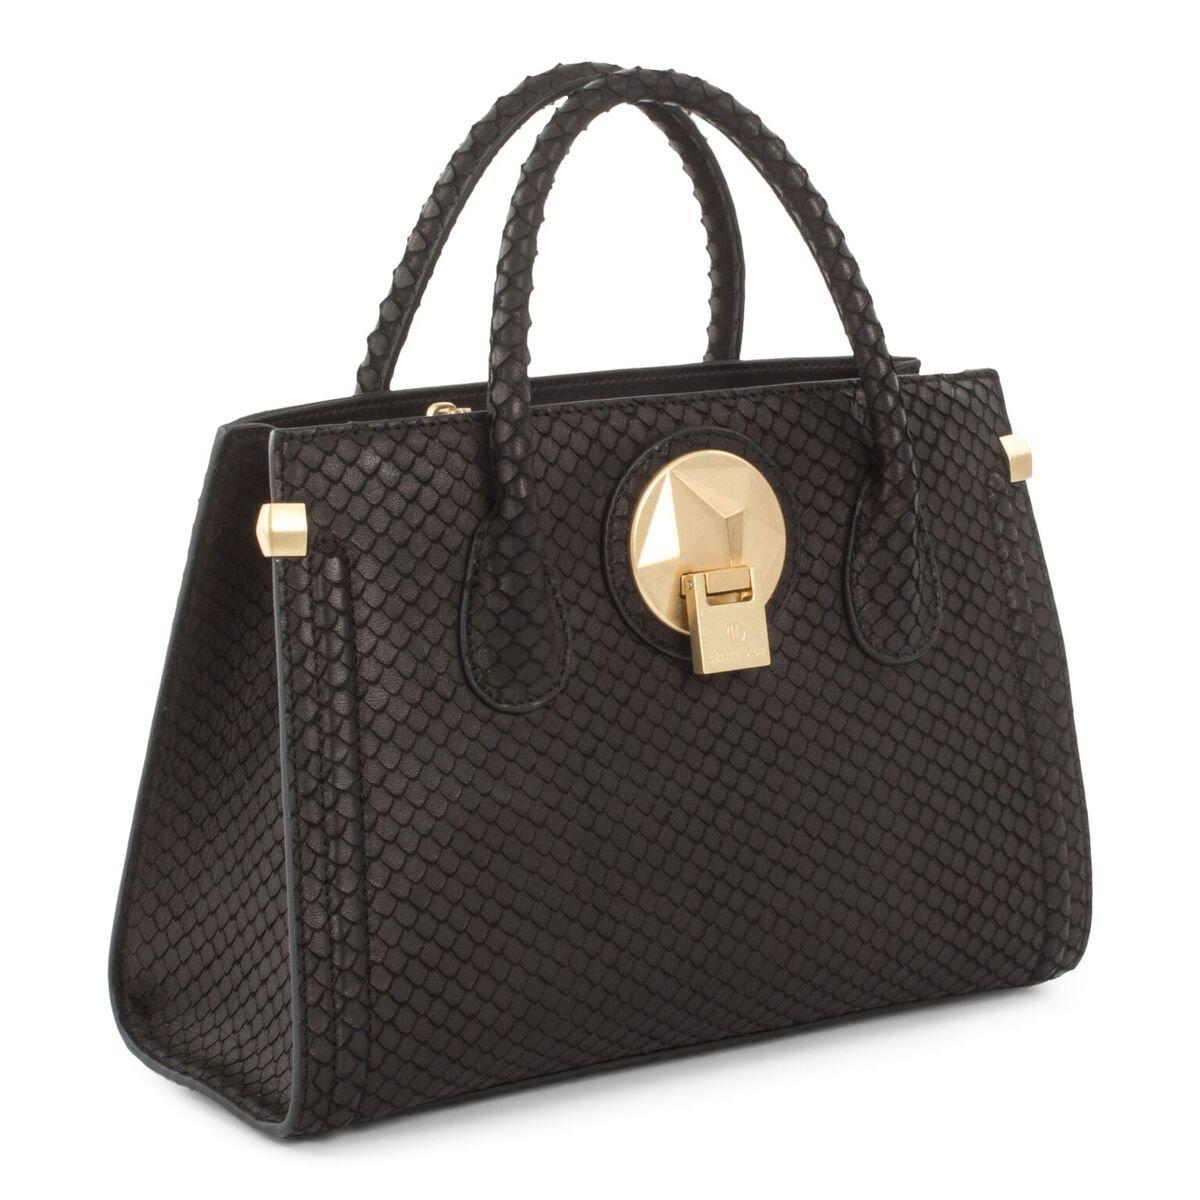 e Cobalt Abbigliamento Céline One Womens Dion Amazon accessori ca Cby5379 qn81A08